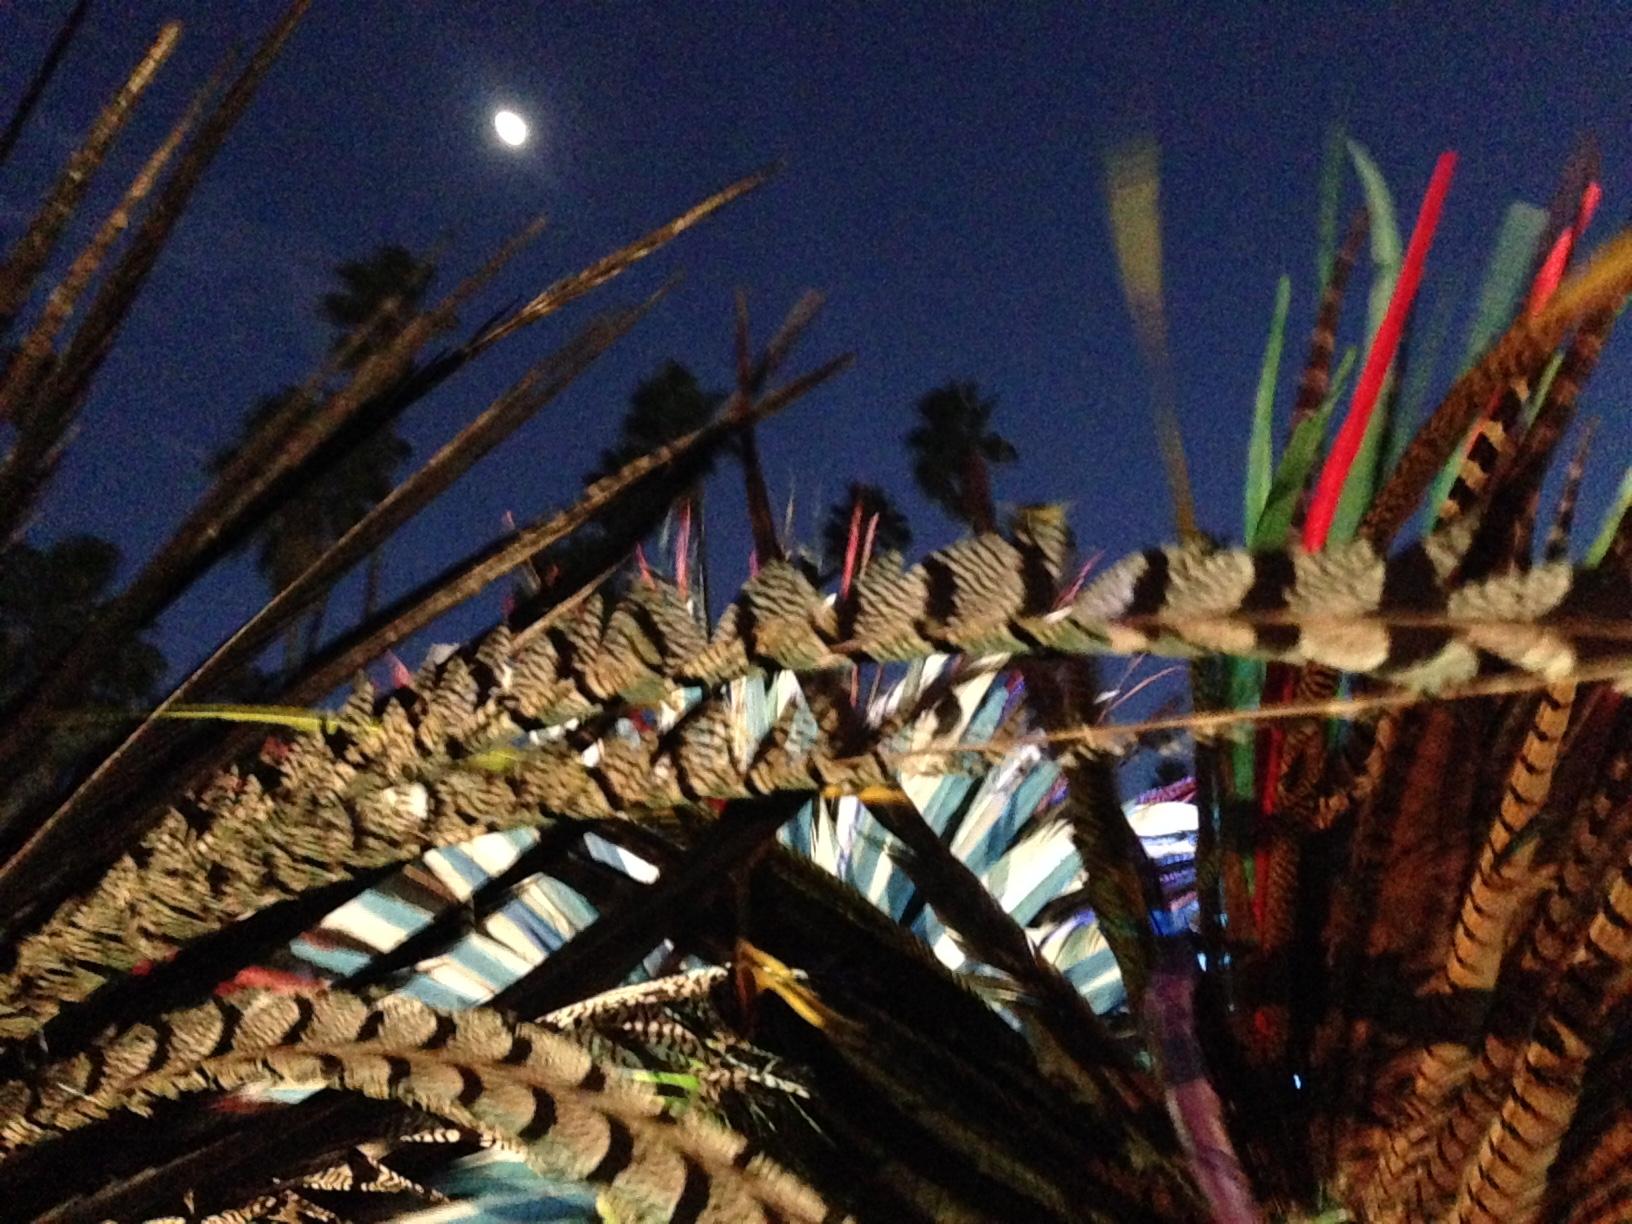 Aztec feathers and moonlight at Dia de Los Muertos